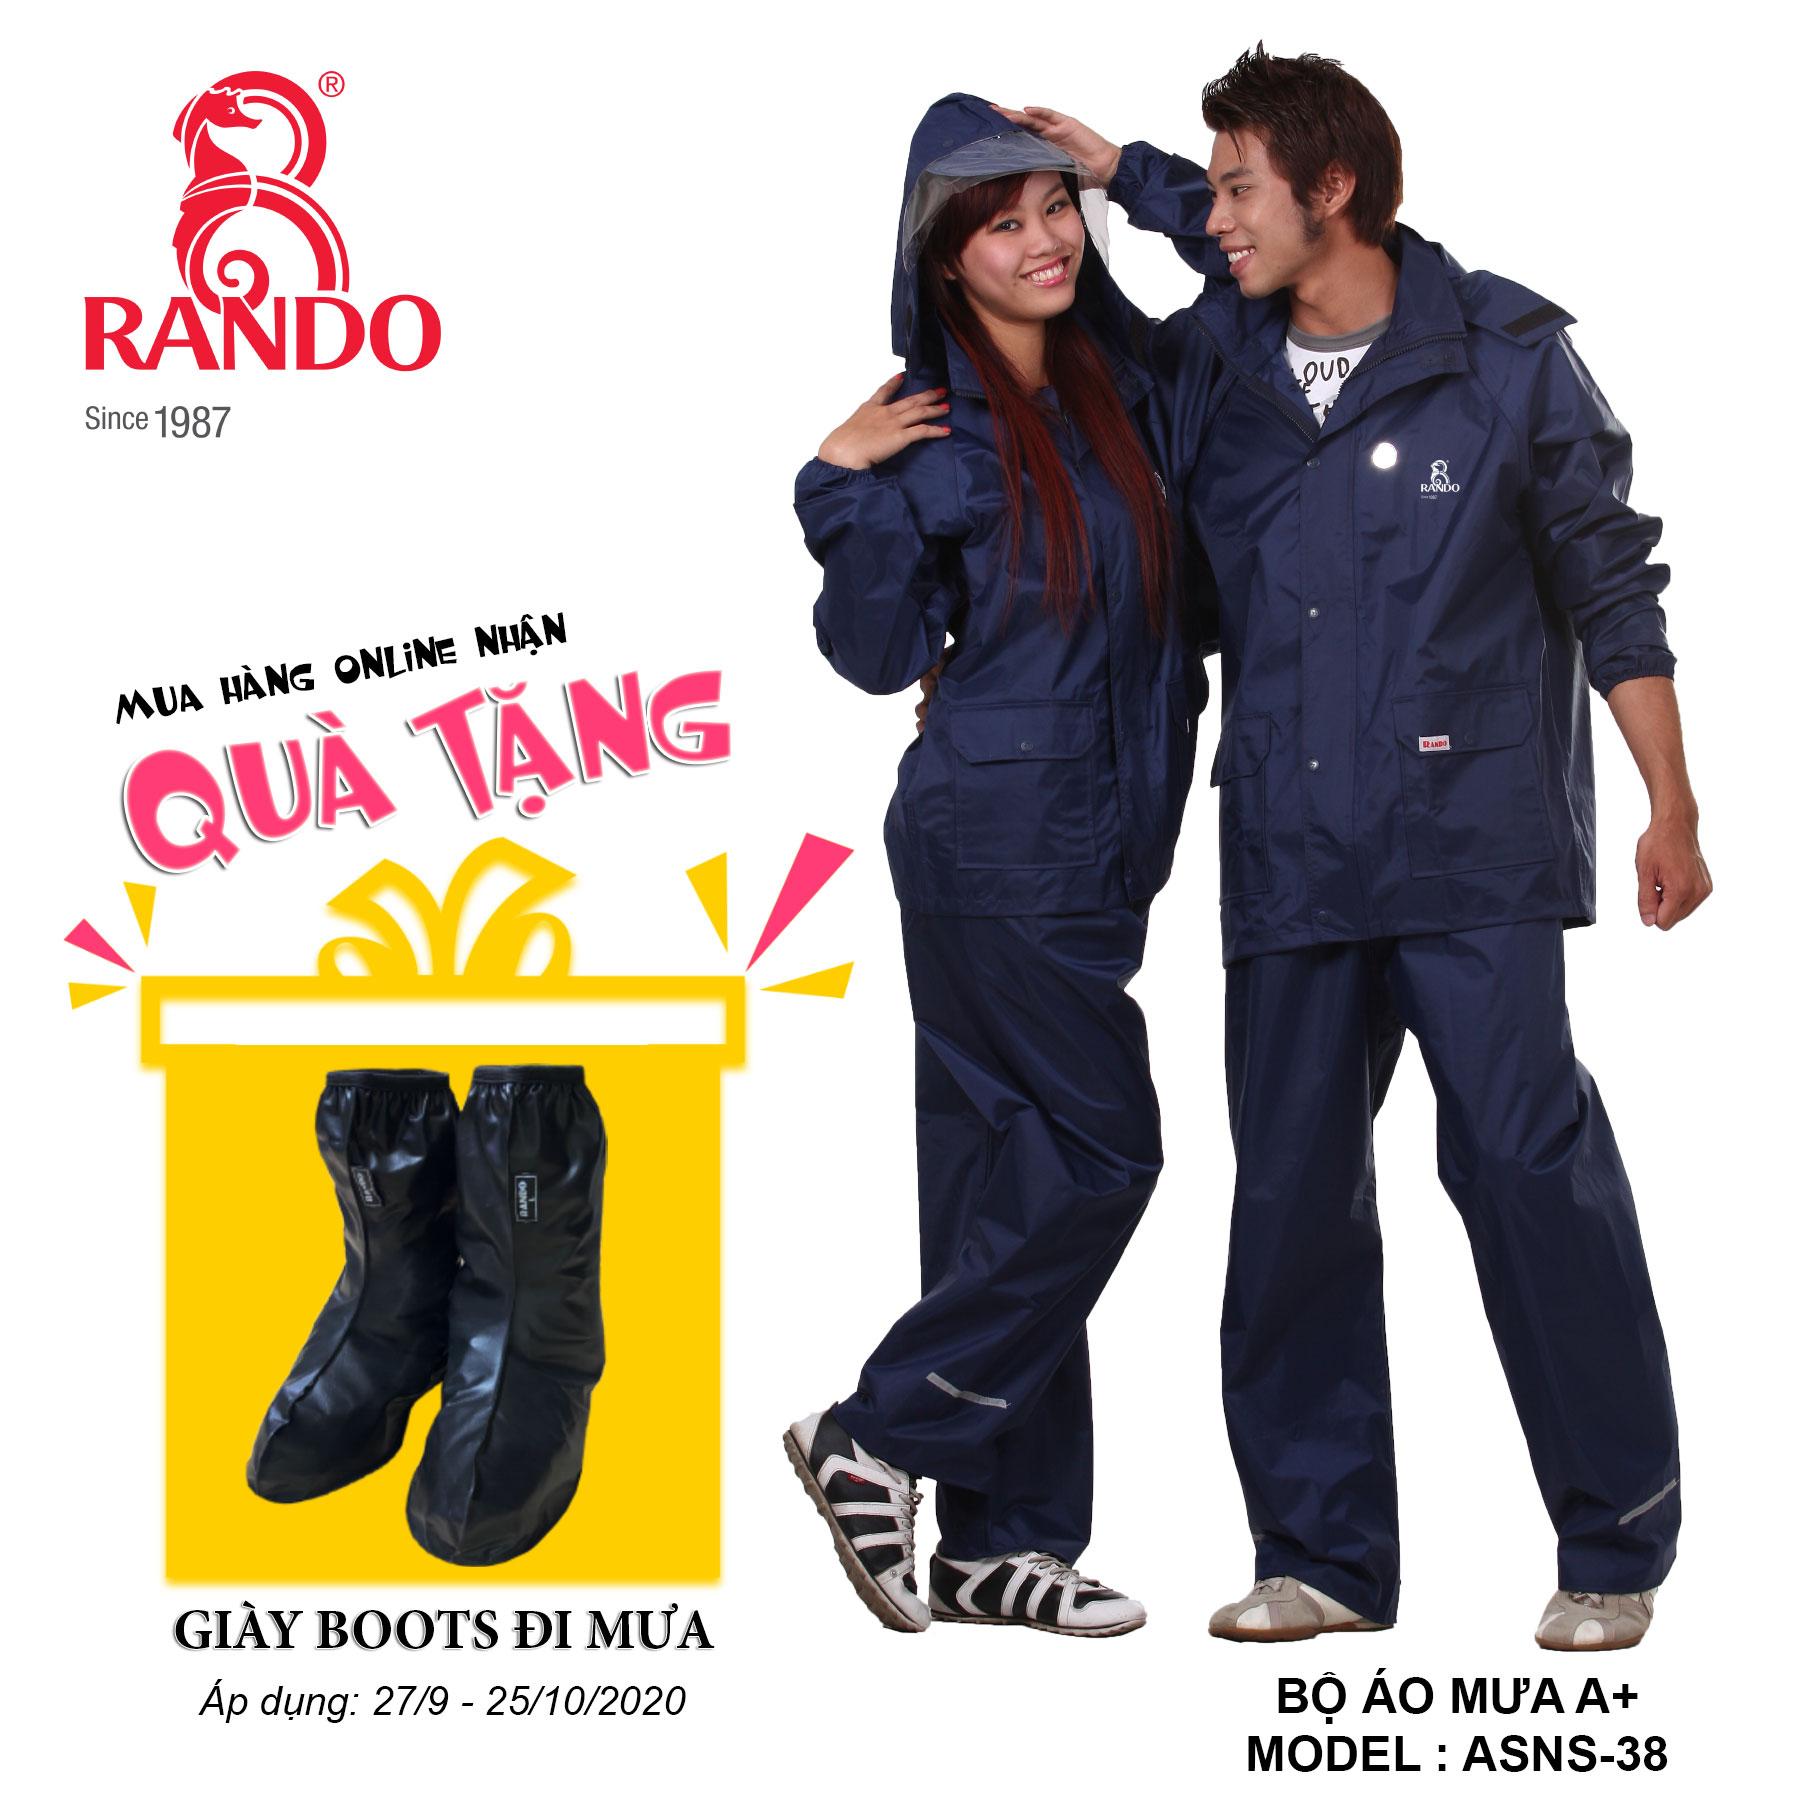 Mua bộ áo mưa A+ tặng GIÀY BOOTS đi mưa RANDO